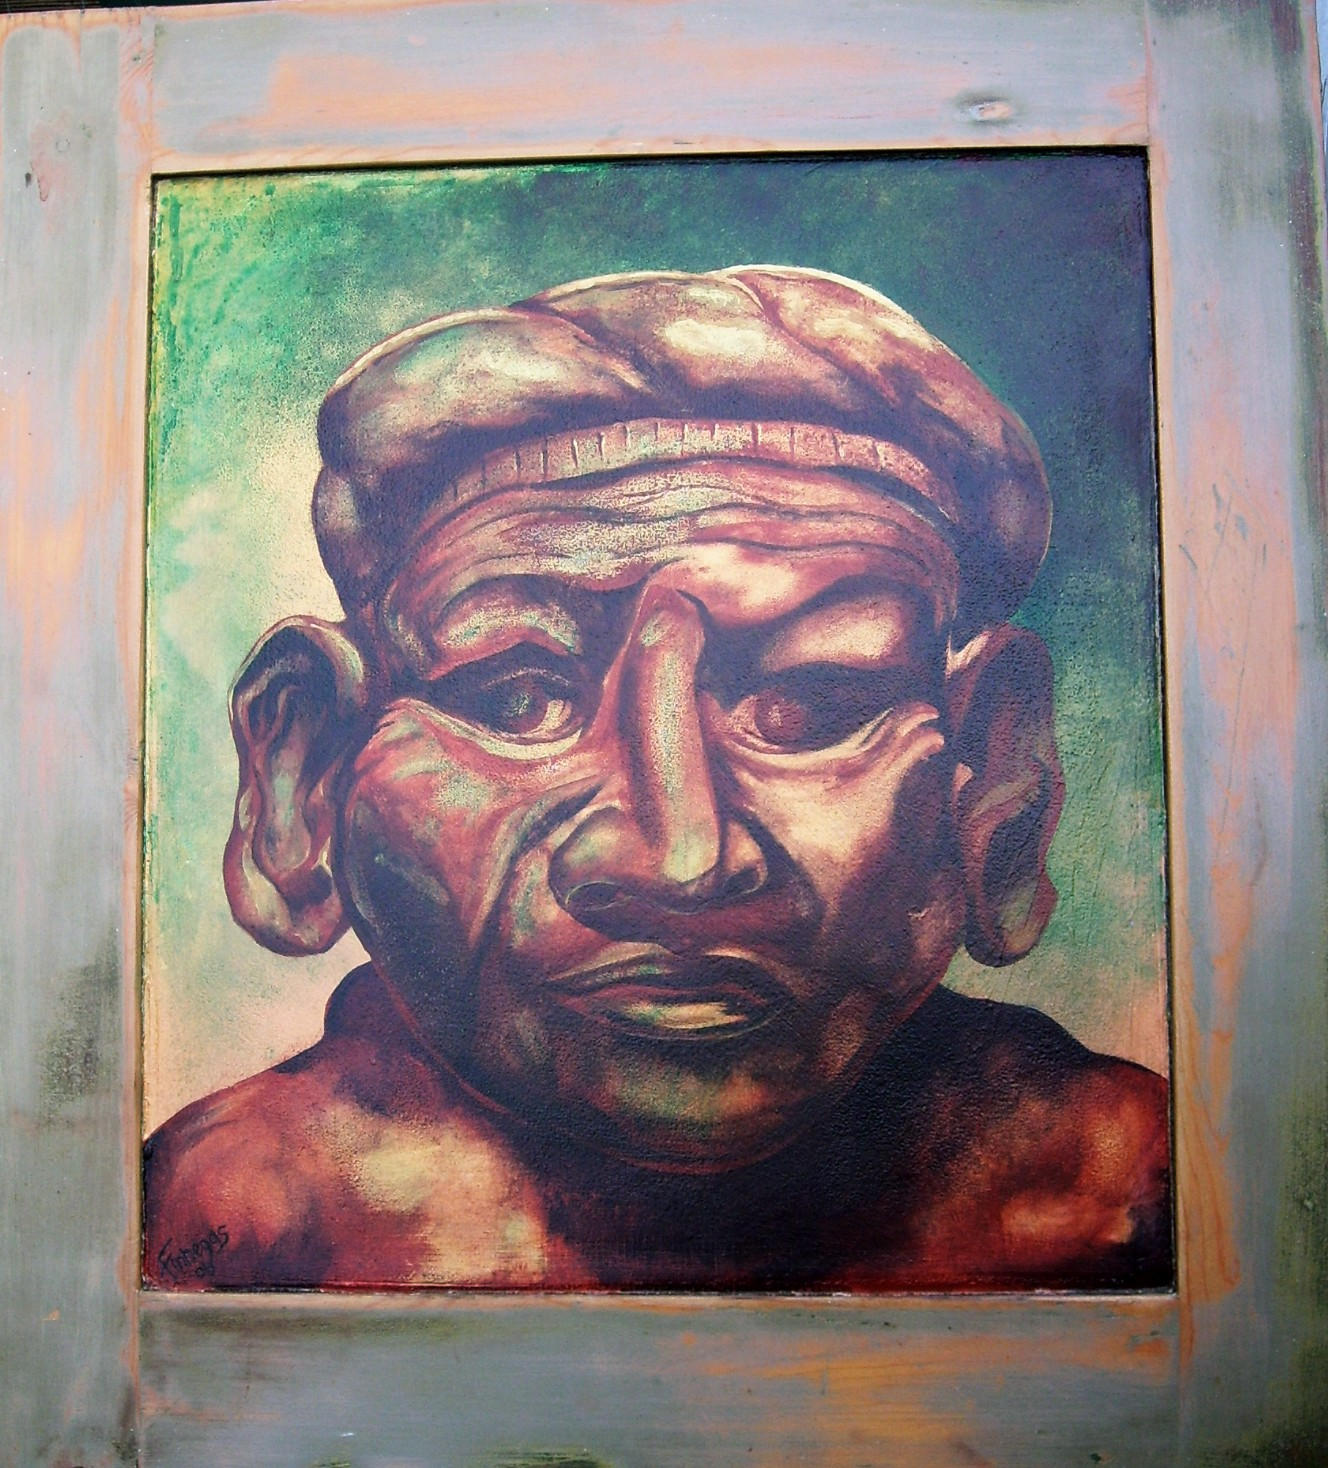 Mocha Statue. by Finnegas